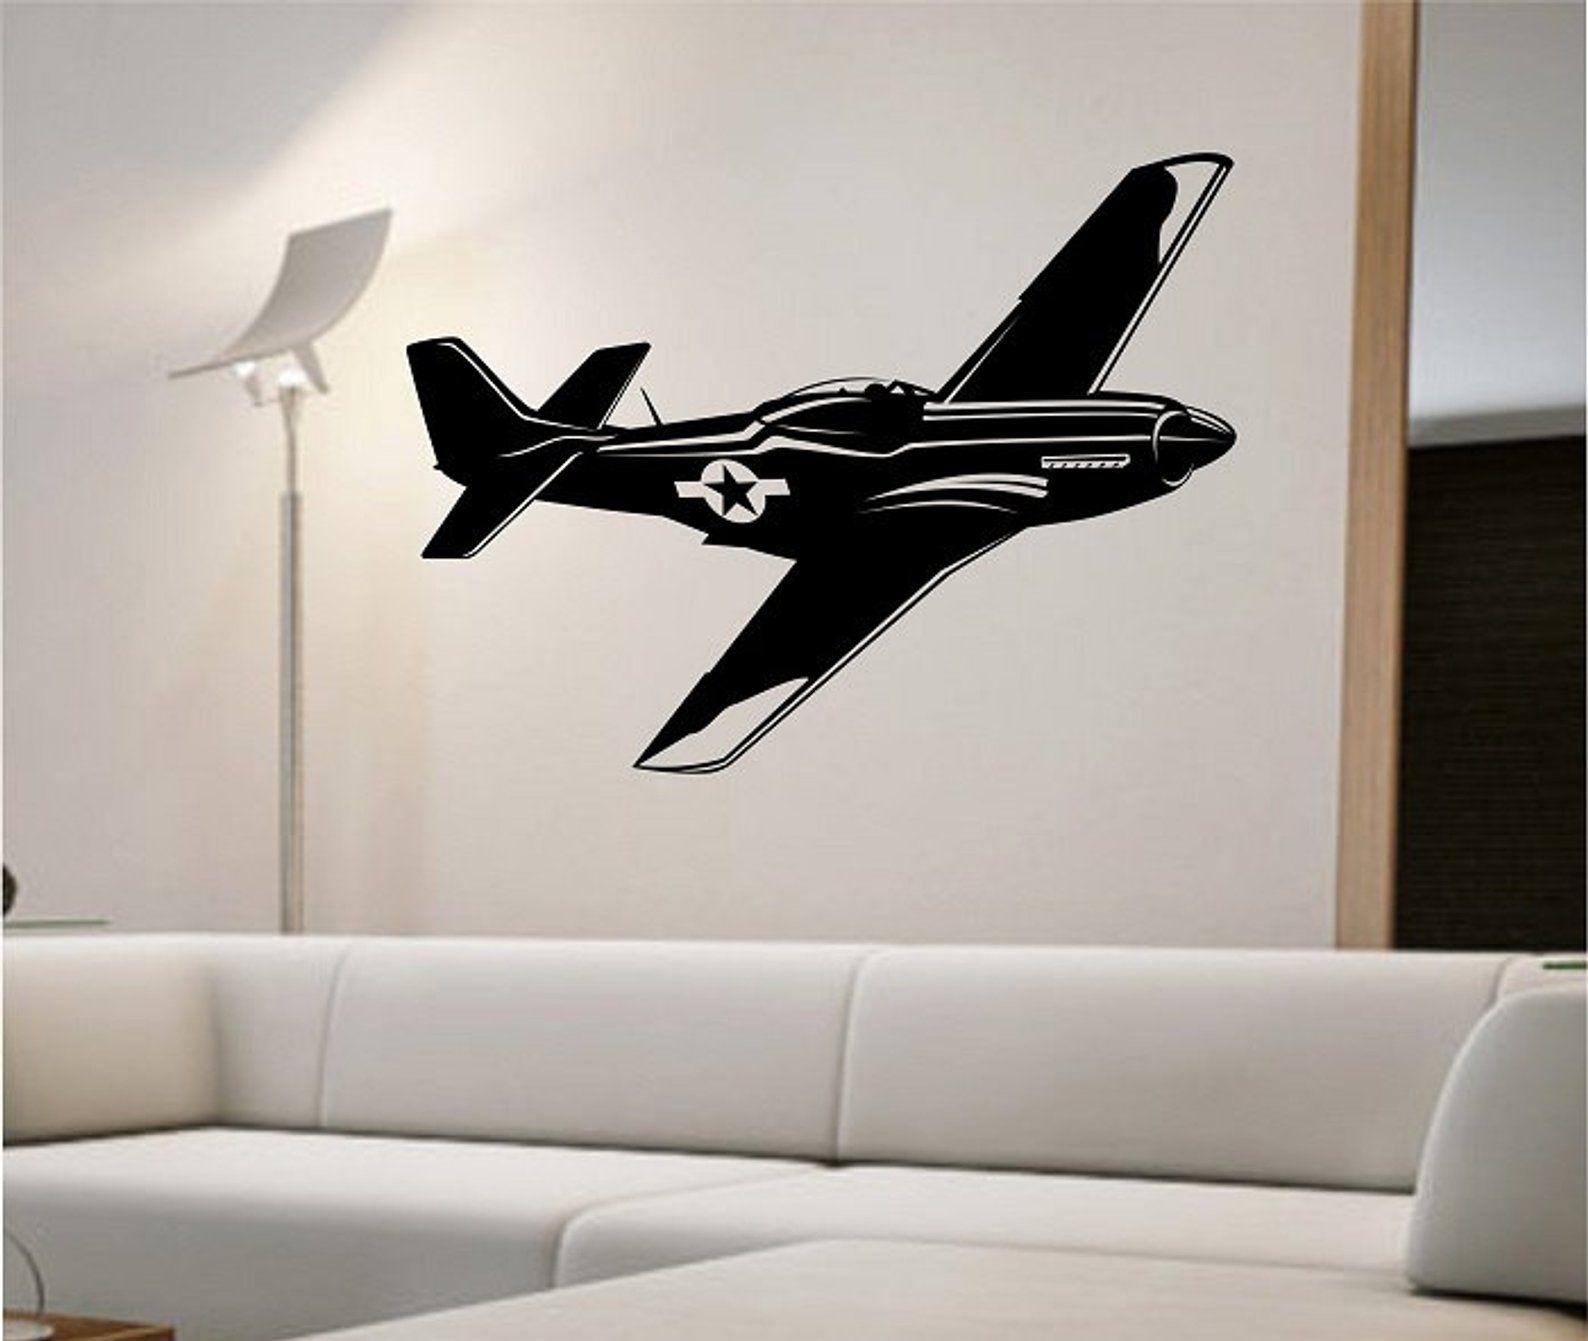 Fighter Jet Wall Decal Sticker Art Decor Bedroom Design Mural Etsy Sticker Art Wall Decal Sticker Wall Decals